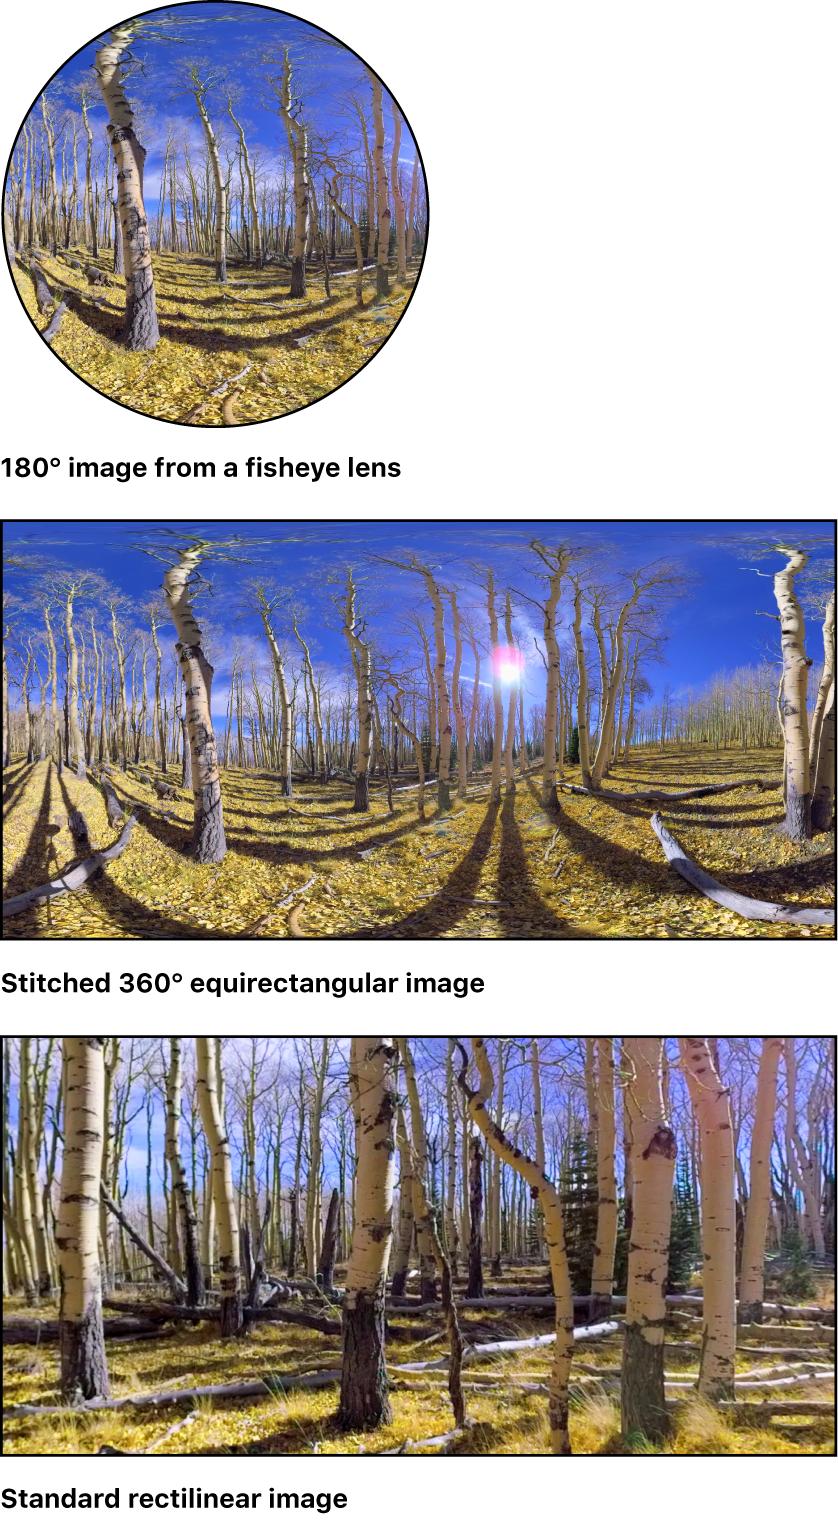 Ein einzelnes Fischaugenbild, ein zusammengesetztes 360°-Bild und ein standardmäßiges geradliniges Bild